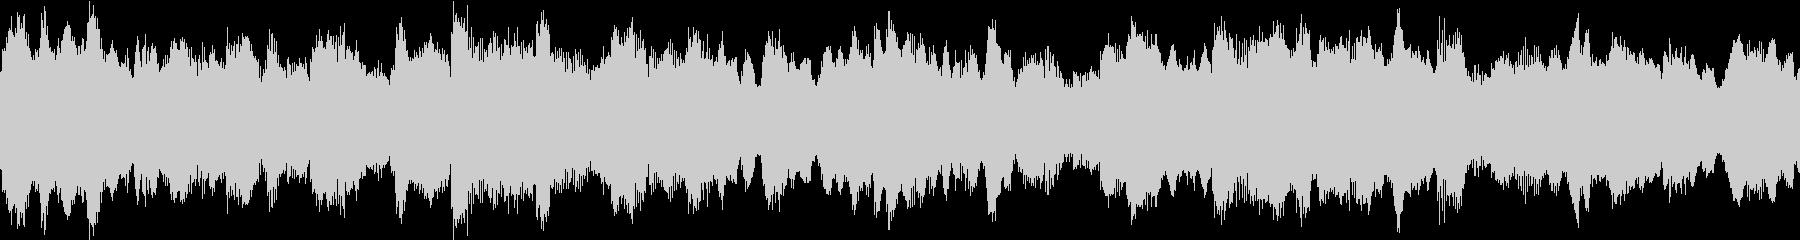 オーケストラのある古典的な作品は、...の未再生の波形